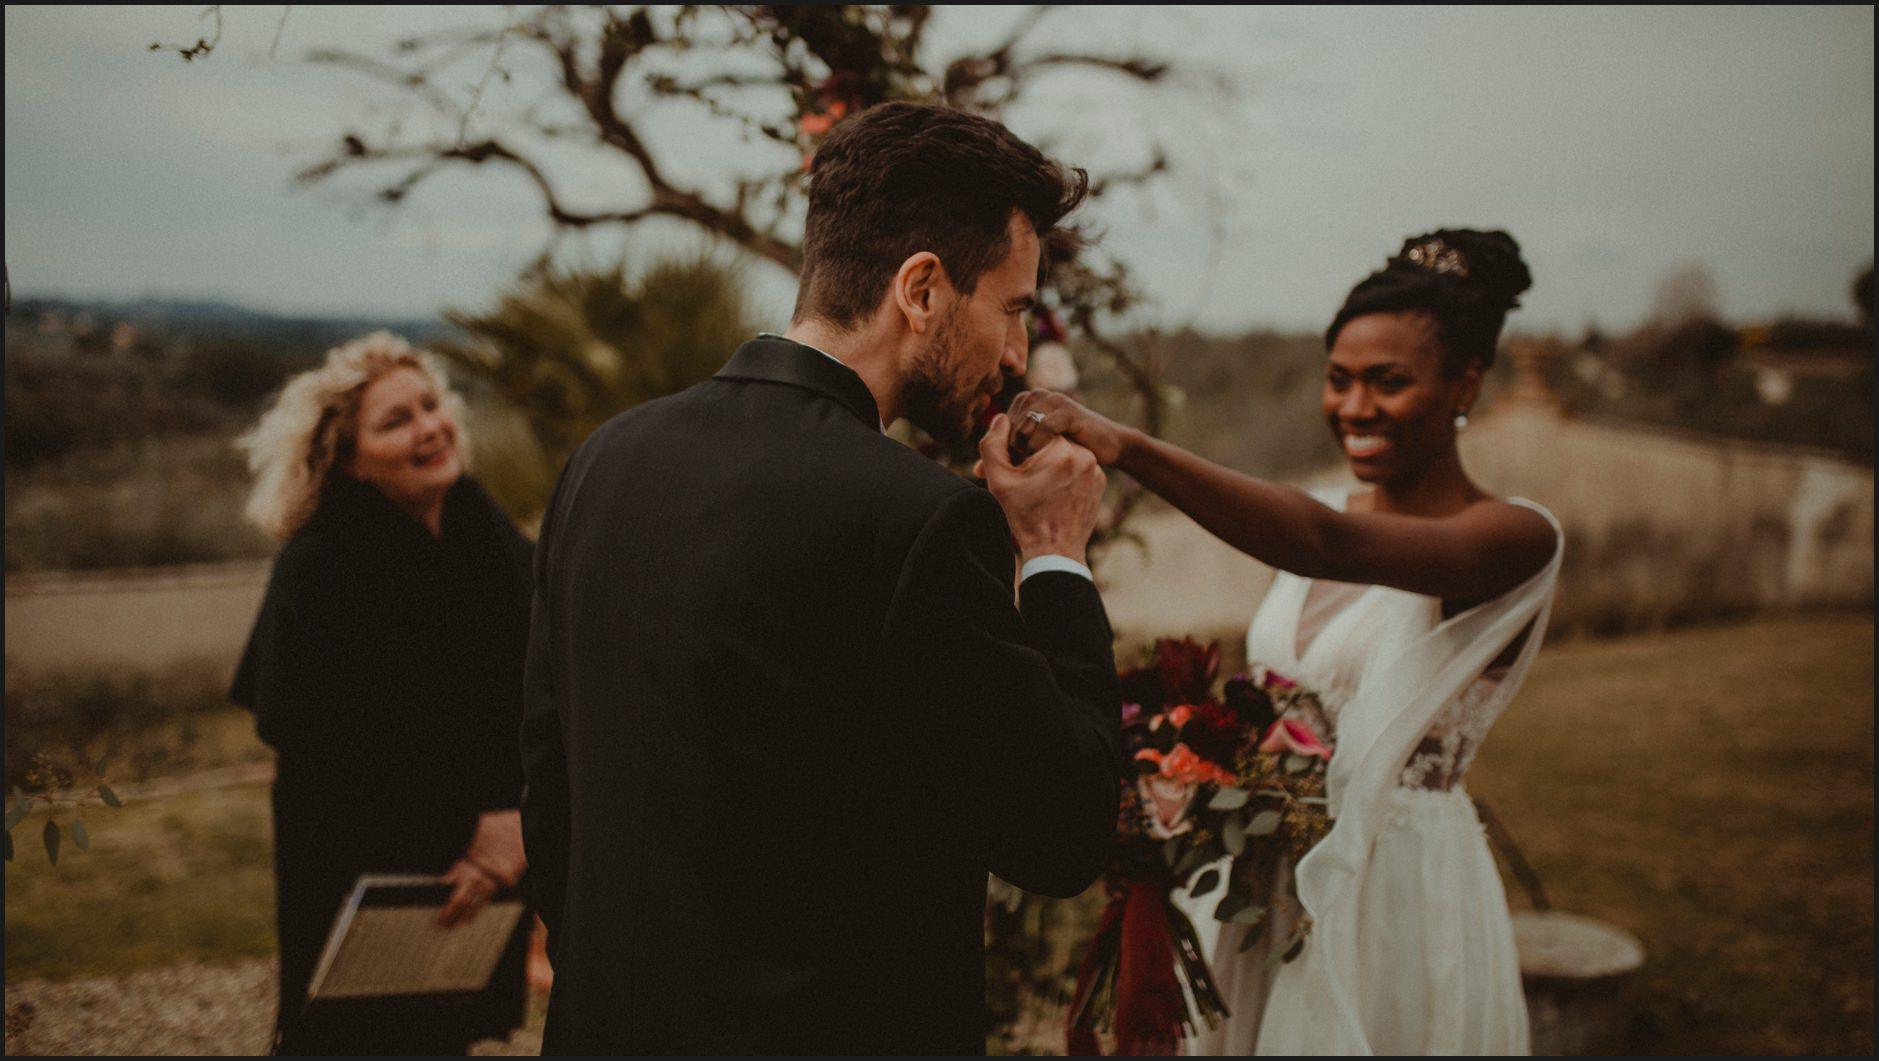 bride, groom, kiss, ceremony, villa medicea di lilliano, wedding